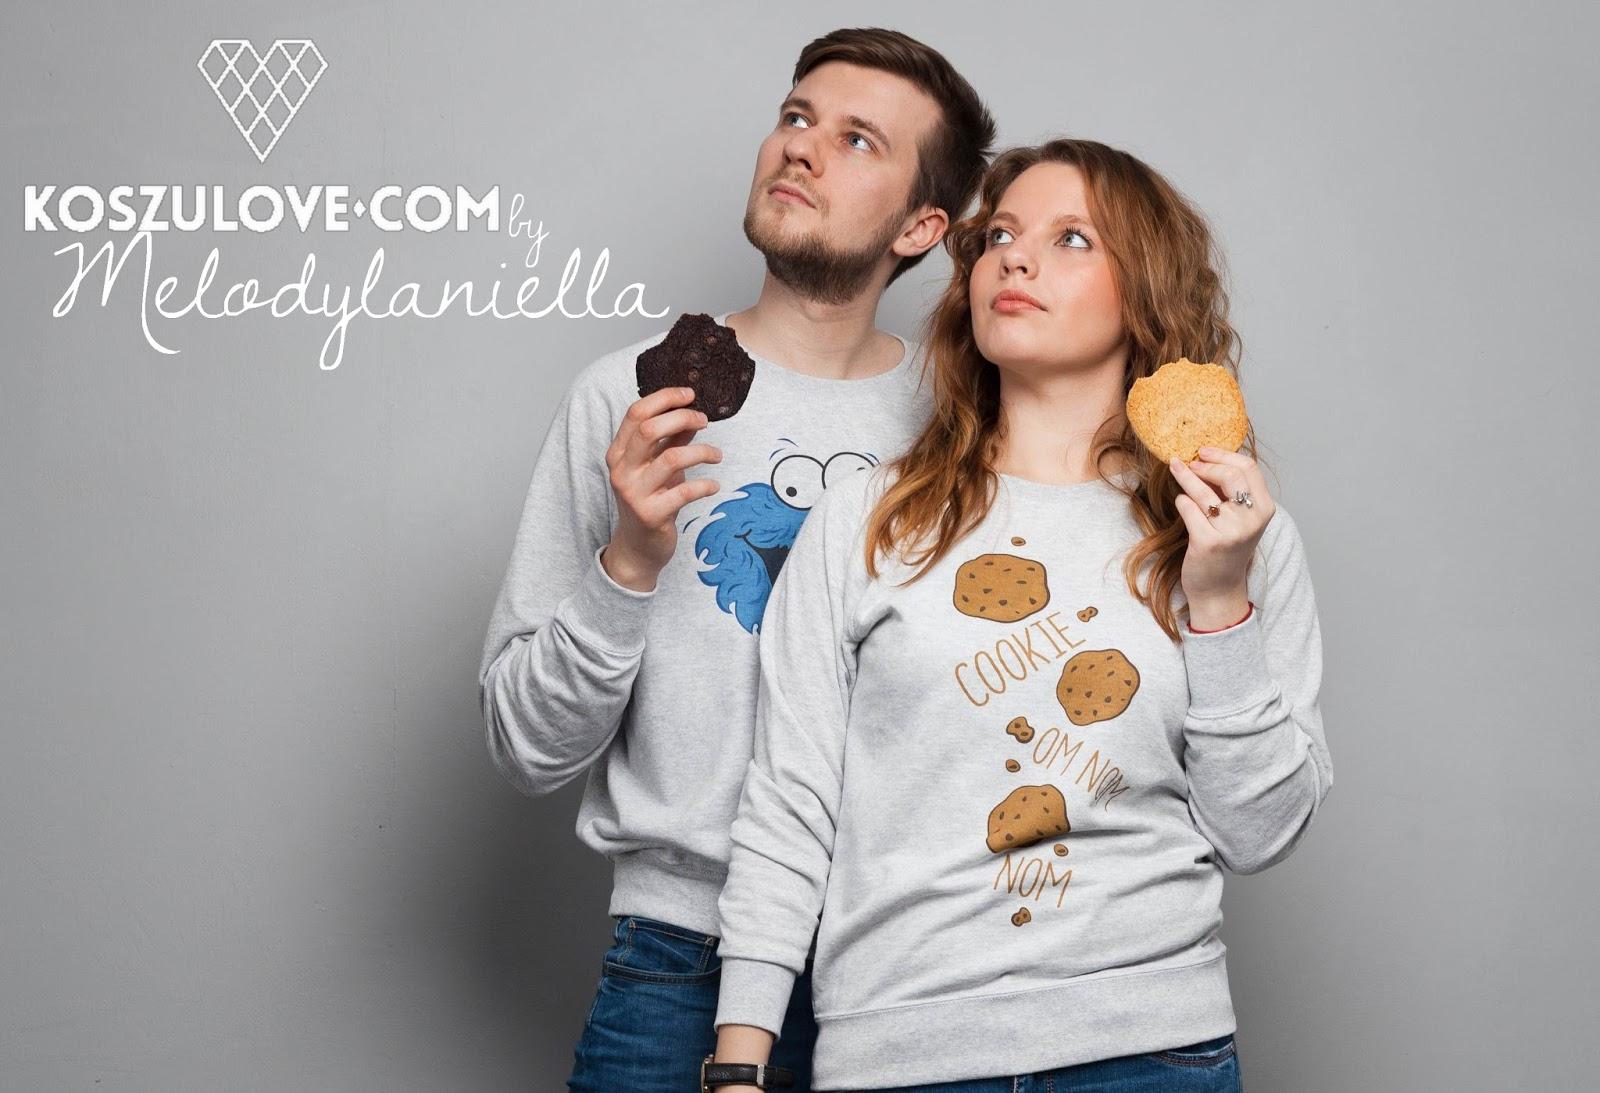 nagłówek bluzy dla par cookie monster koszulove idealne na prezent ubrania miłosc chlopak dziewczyna